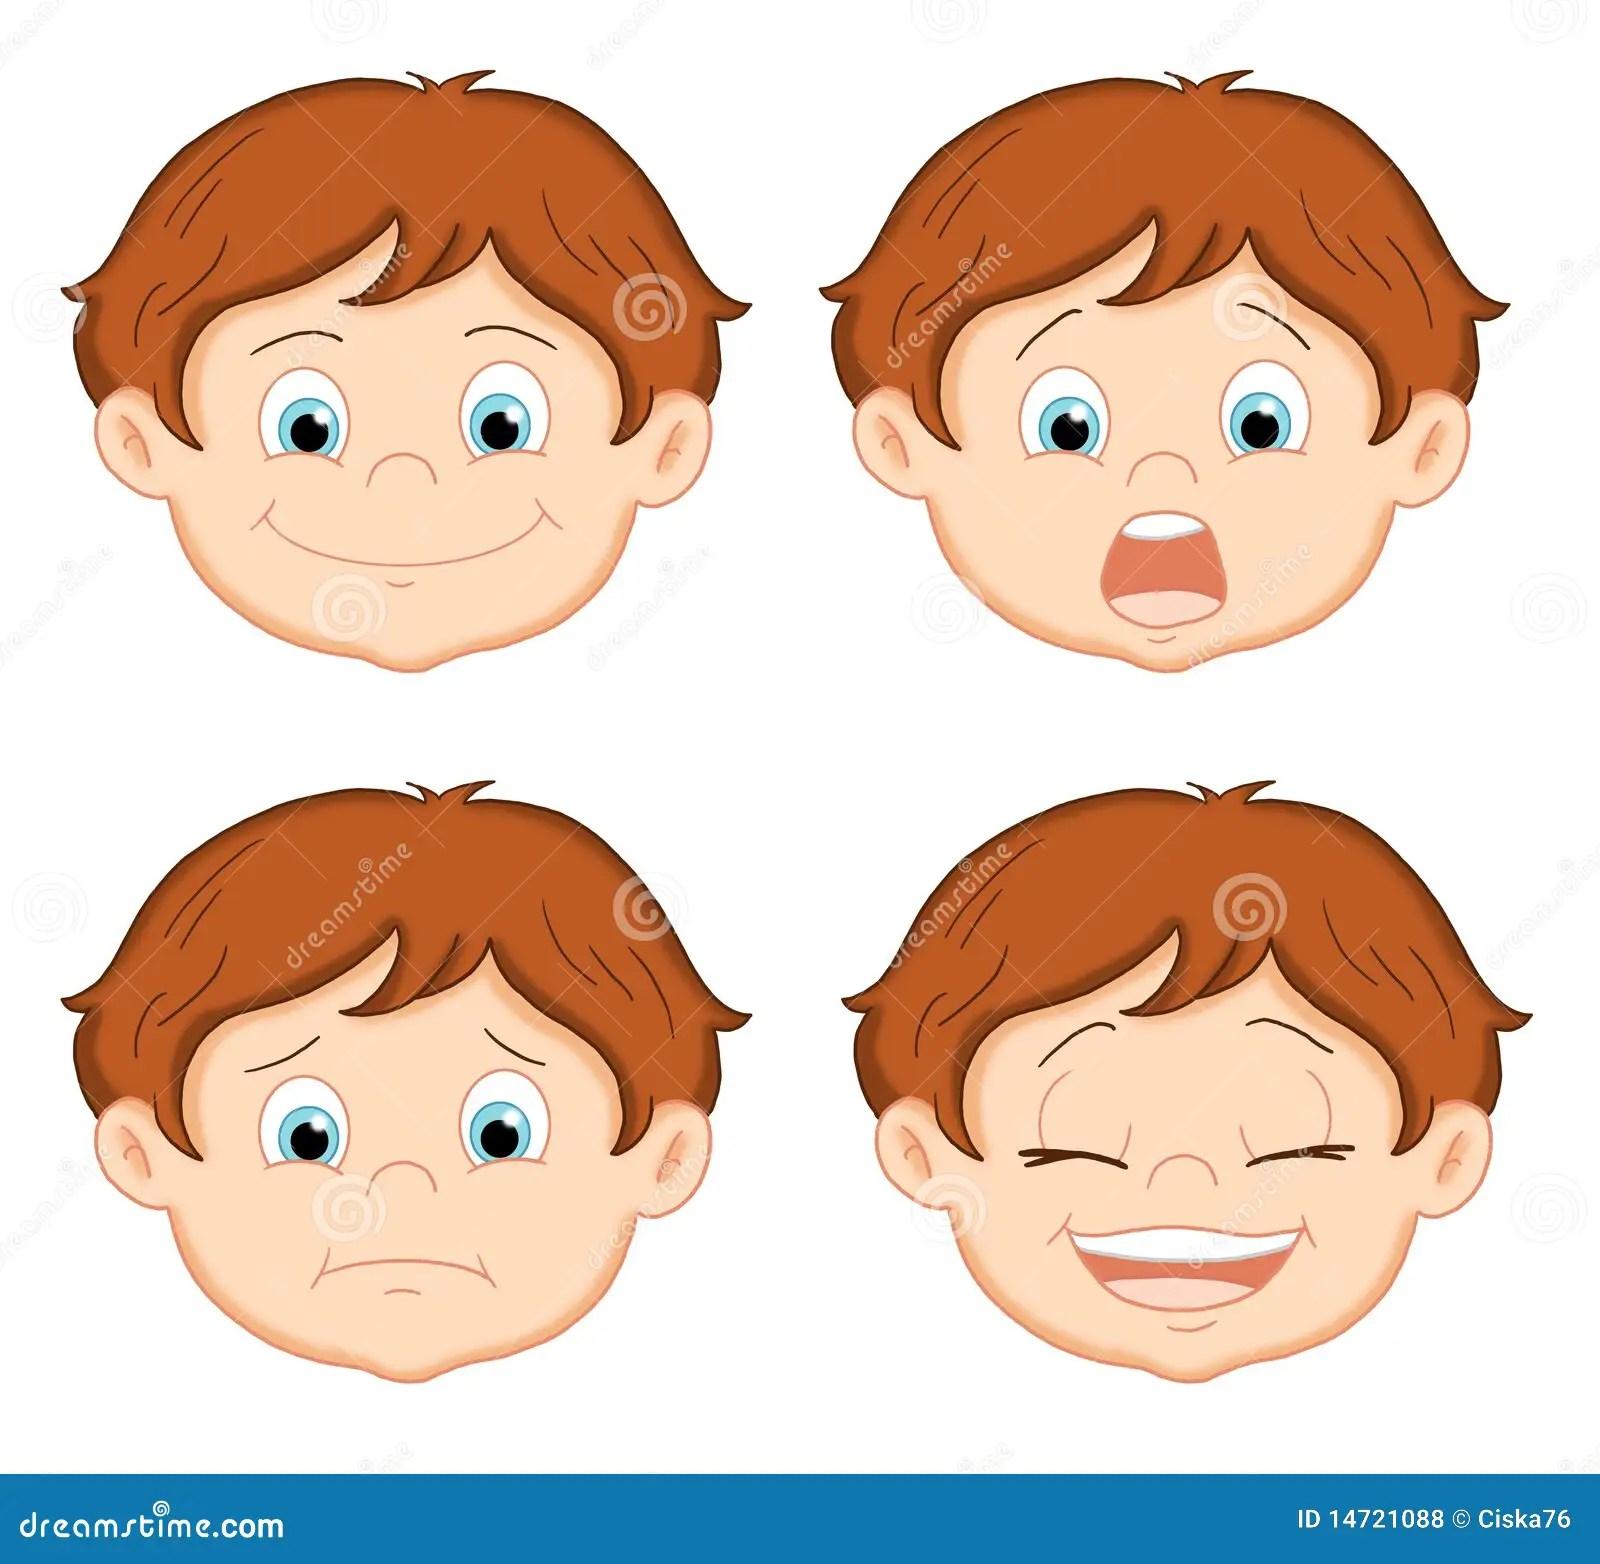 ilustración coloreada de la cara de un niño con cuatro diversas